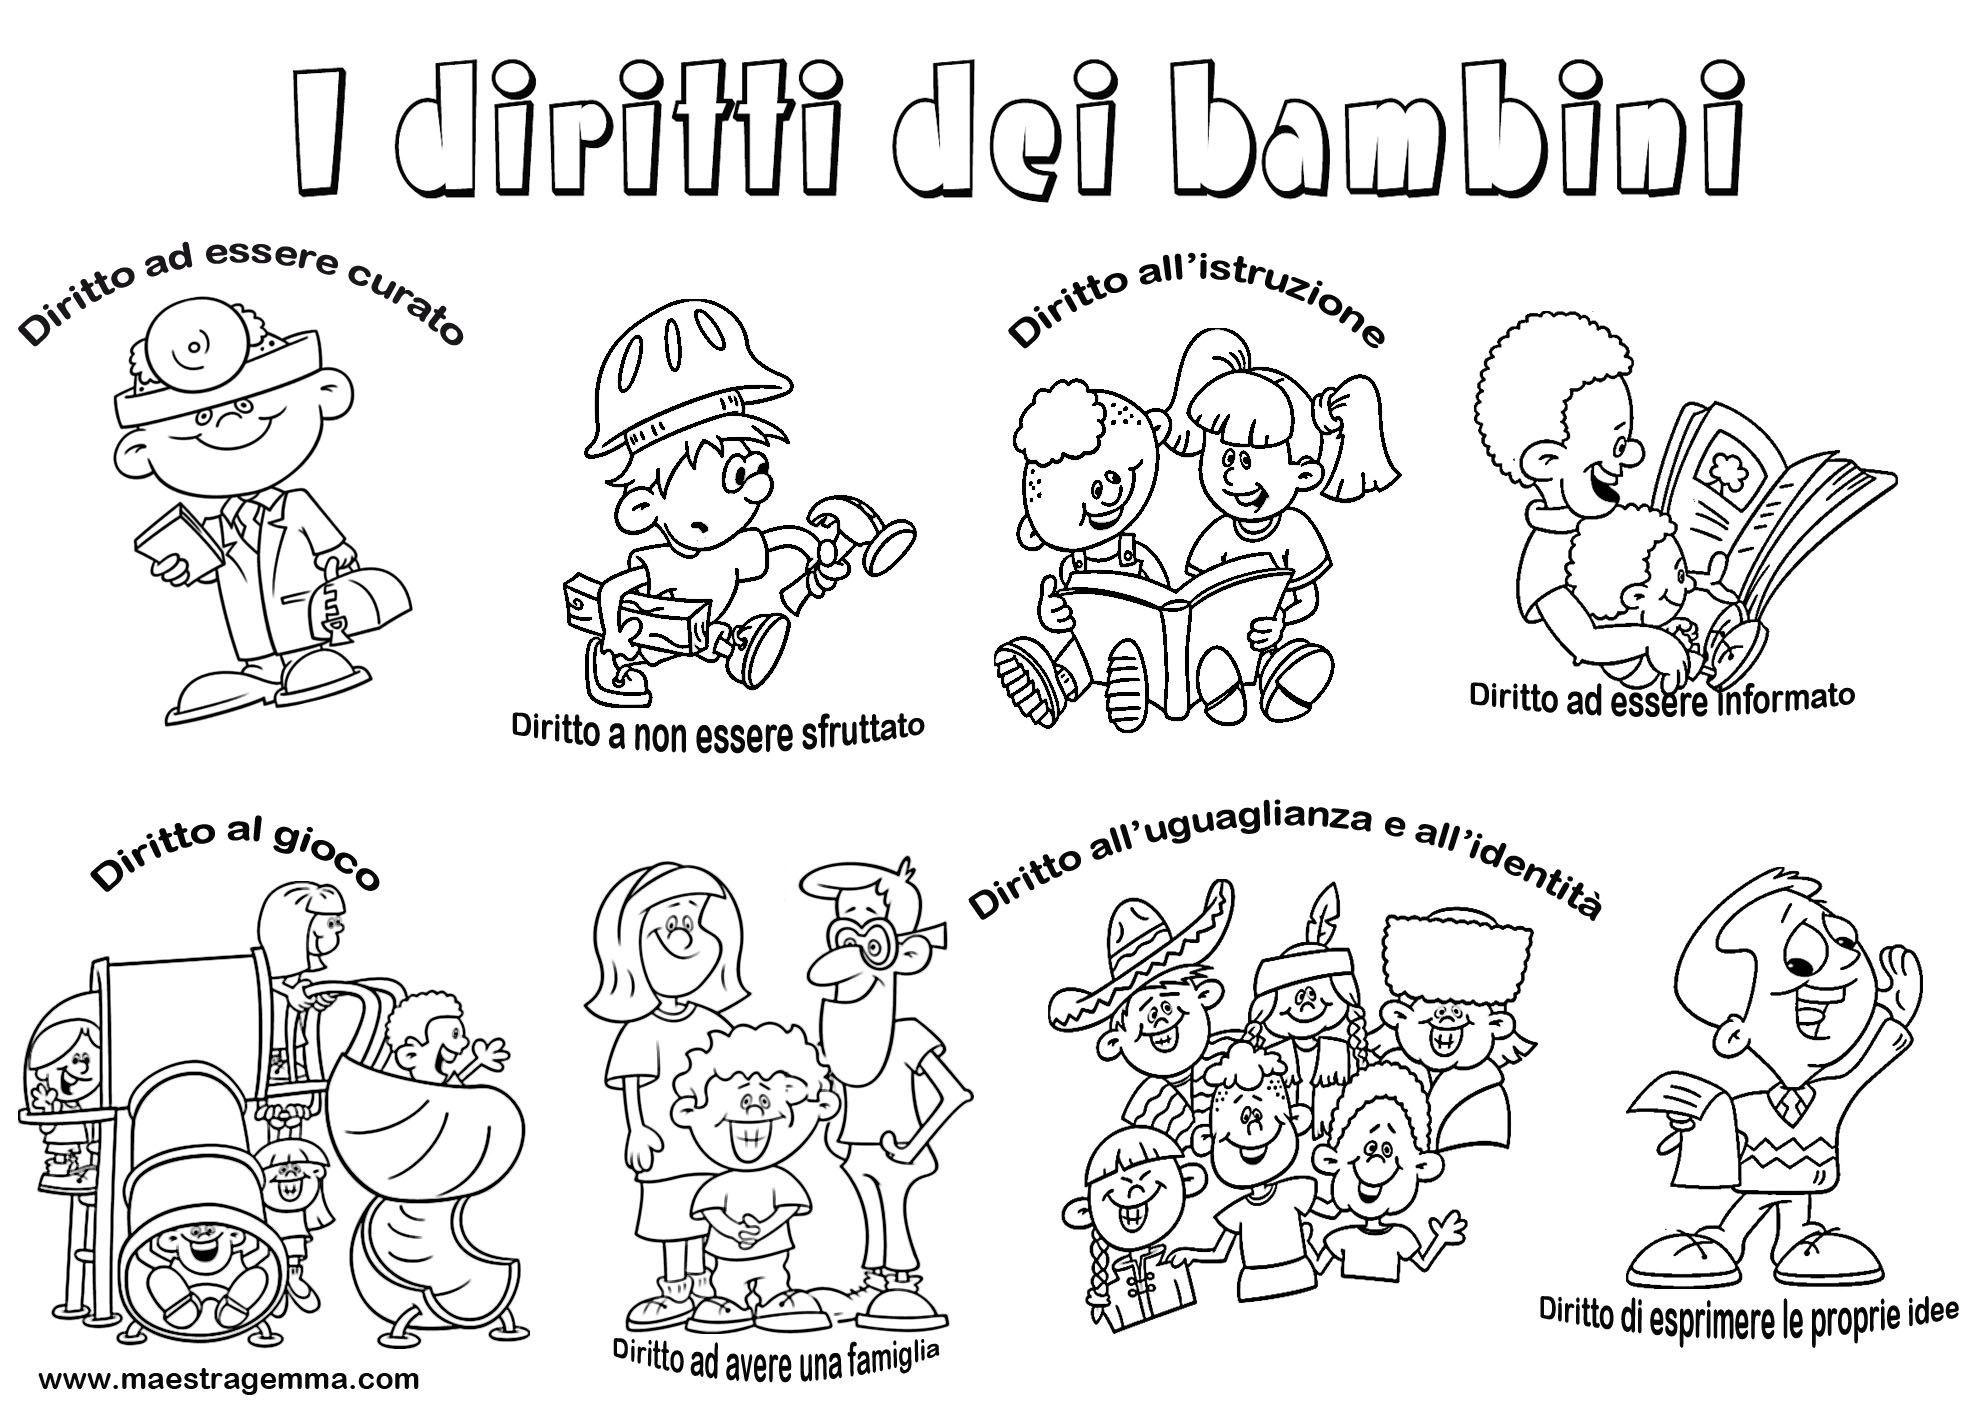 30 ricerca diritti dei bambini da stampare e colorare for Maestra gemma diritti dei bambini